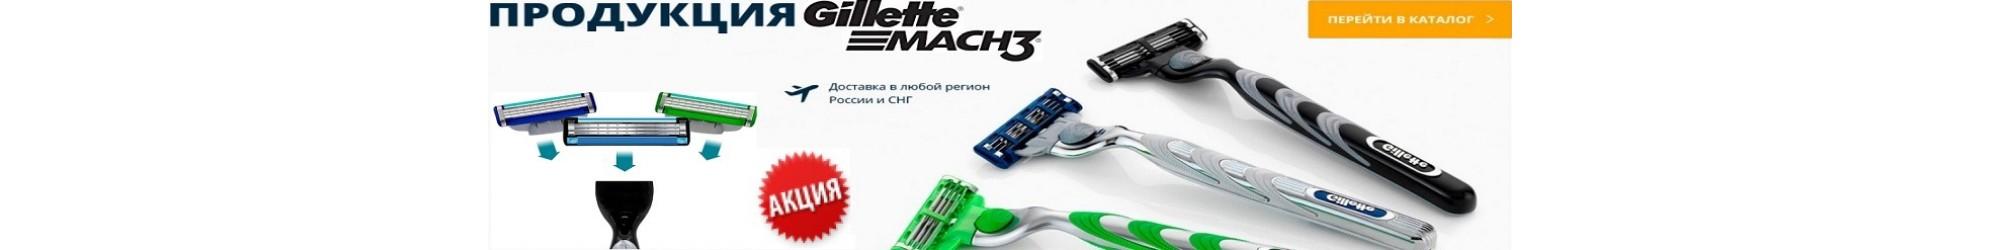 Gillette Mach3 оптом